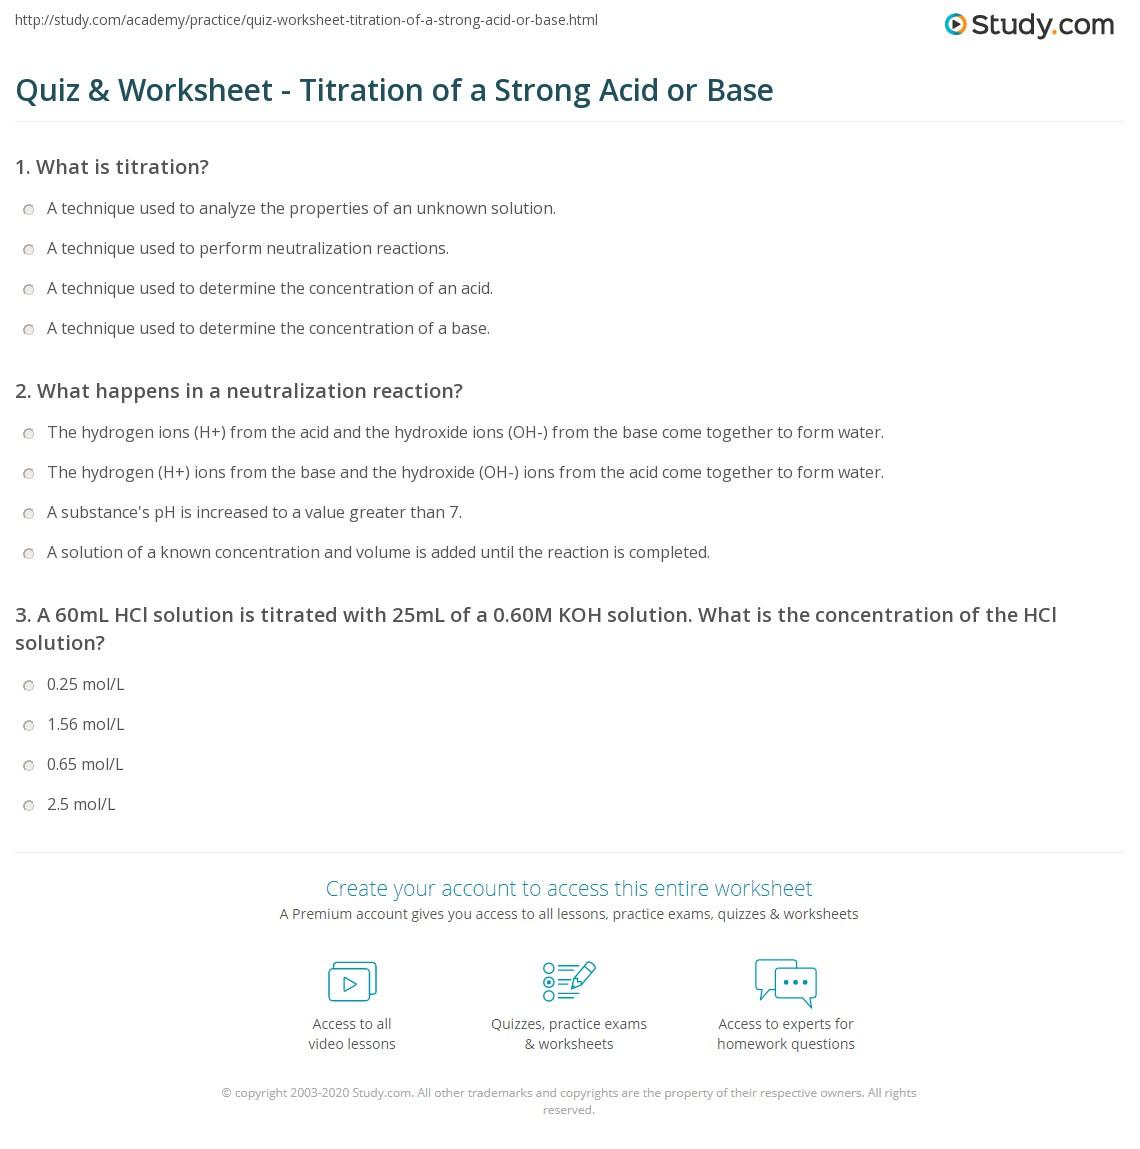 worksheet Solution Concentration Worksheet acid and bases worksheet answer key free worksheets library properties of cids nd b ses w ksheet ksheets libr ry